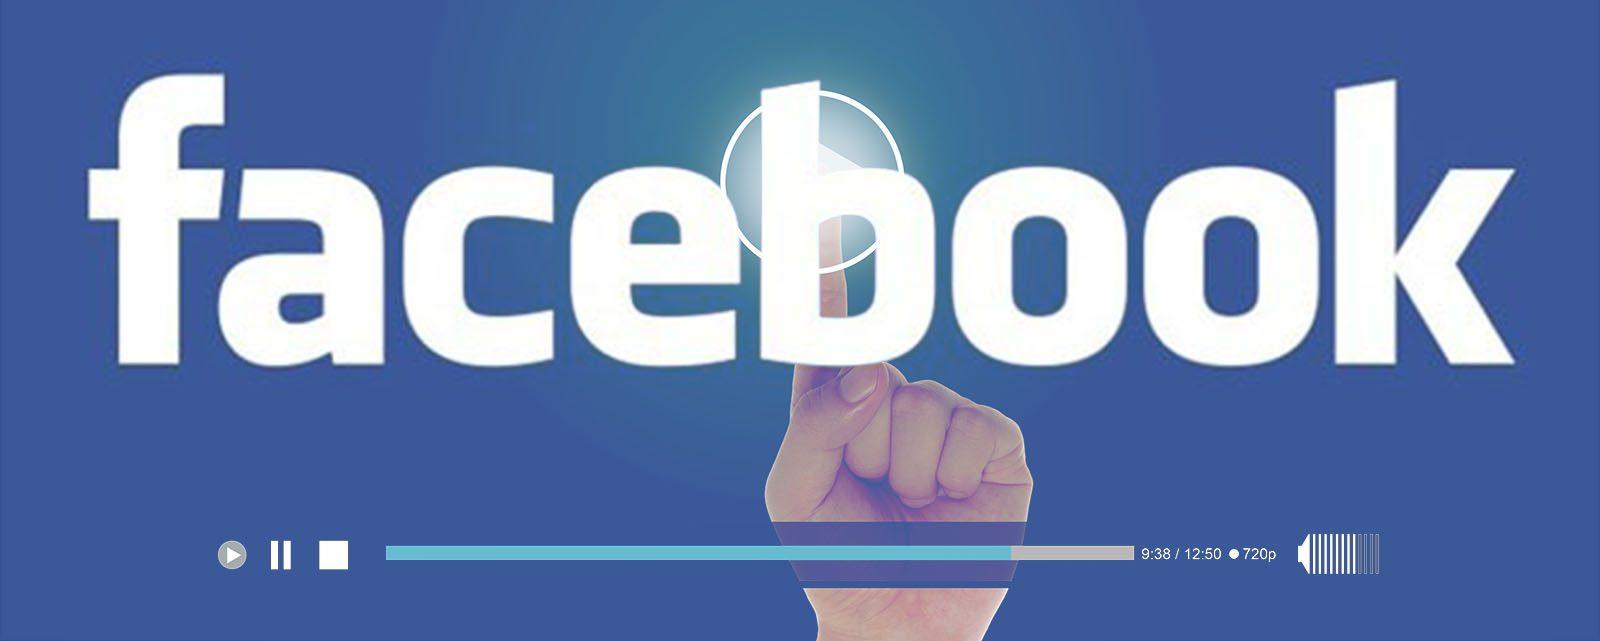 Descargar vídeos de Facebook en ordenador